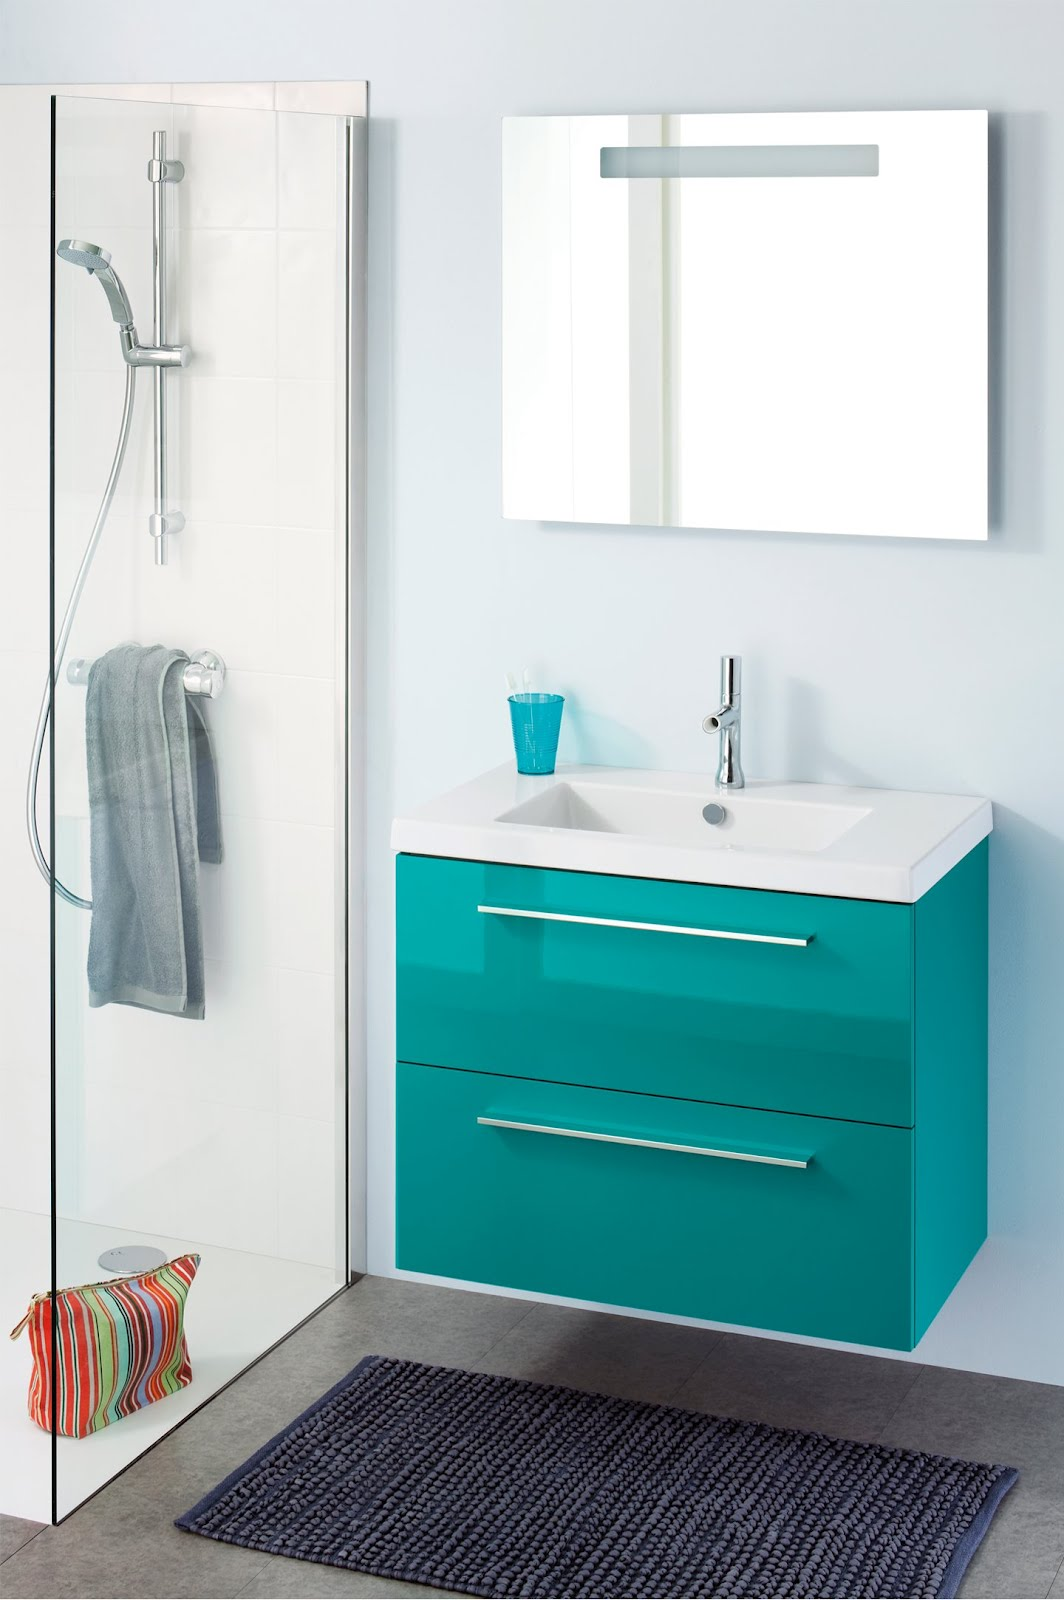 la salle de bain dans tous ses tats d co et saveurs. Black Bedroom Furniture Sets. Home Design Ideas